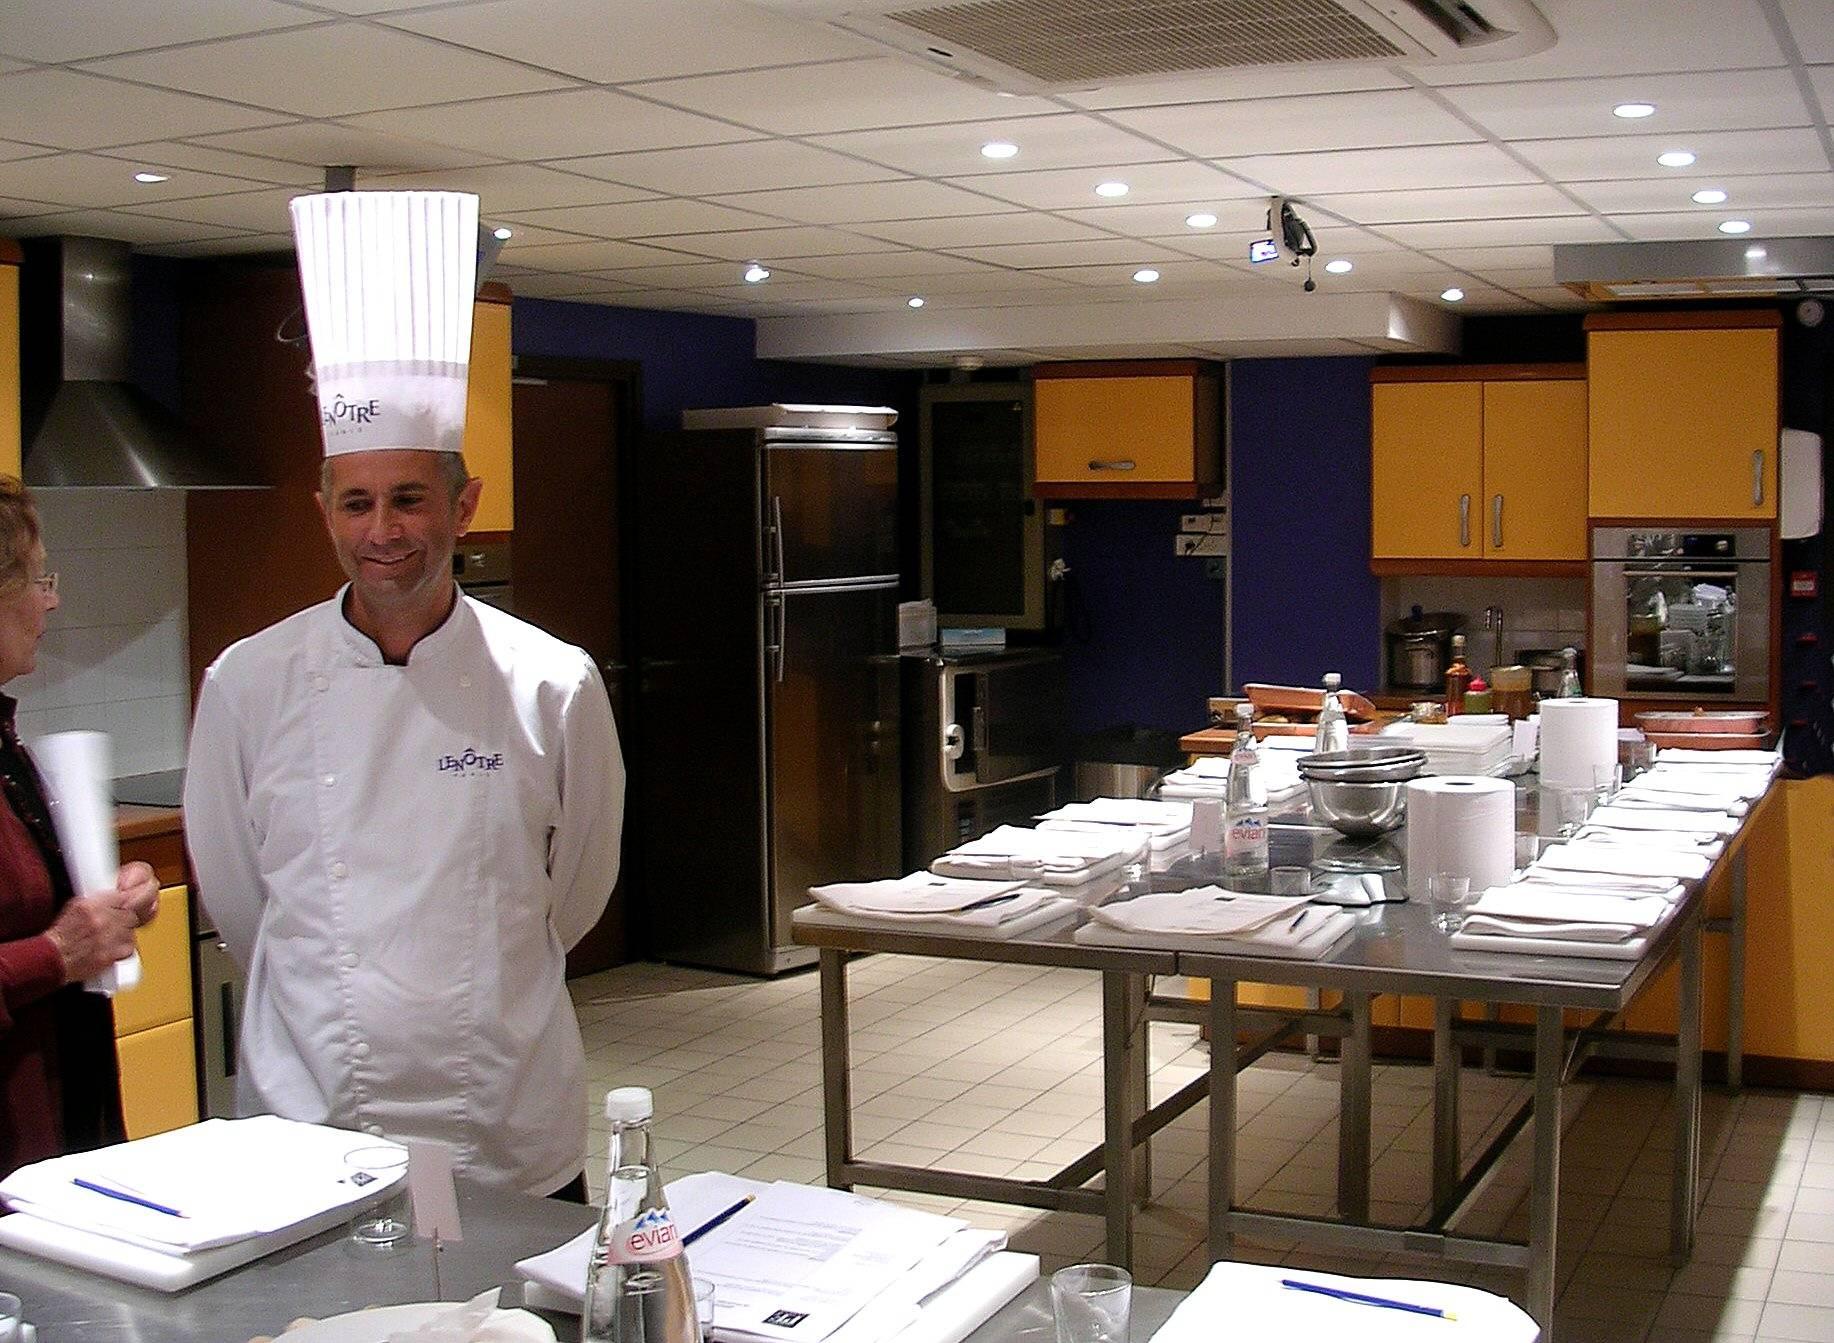 Ecole len tre - Cours de cuisine lenotre ...